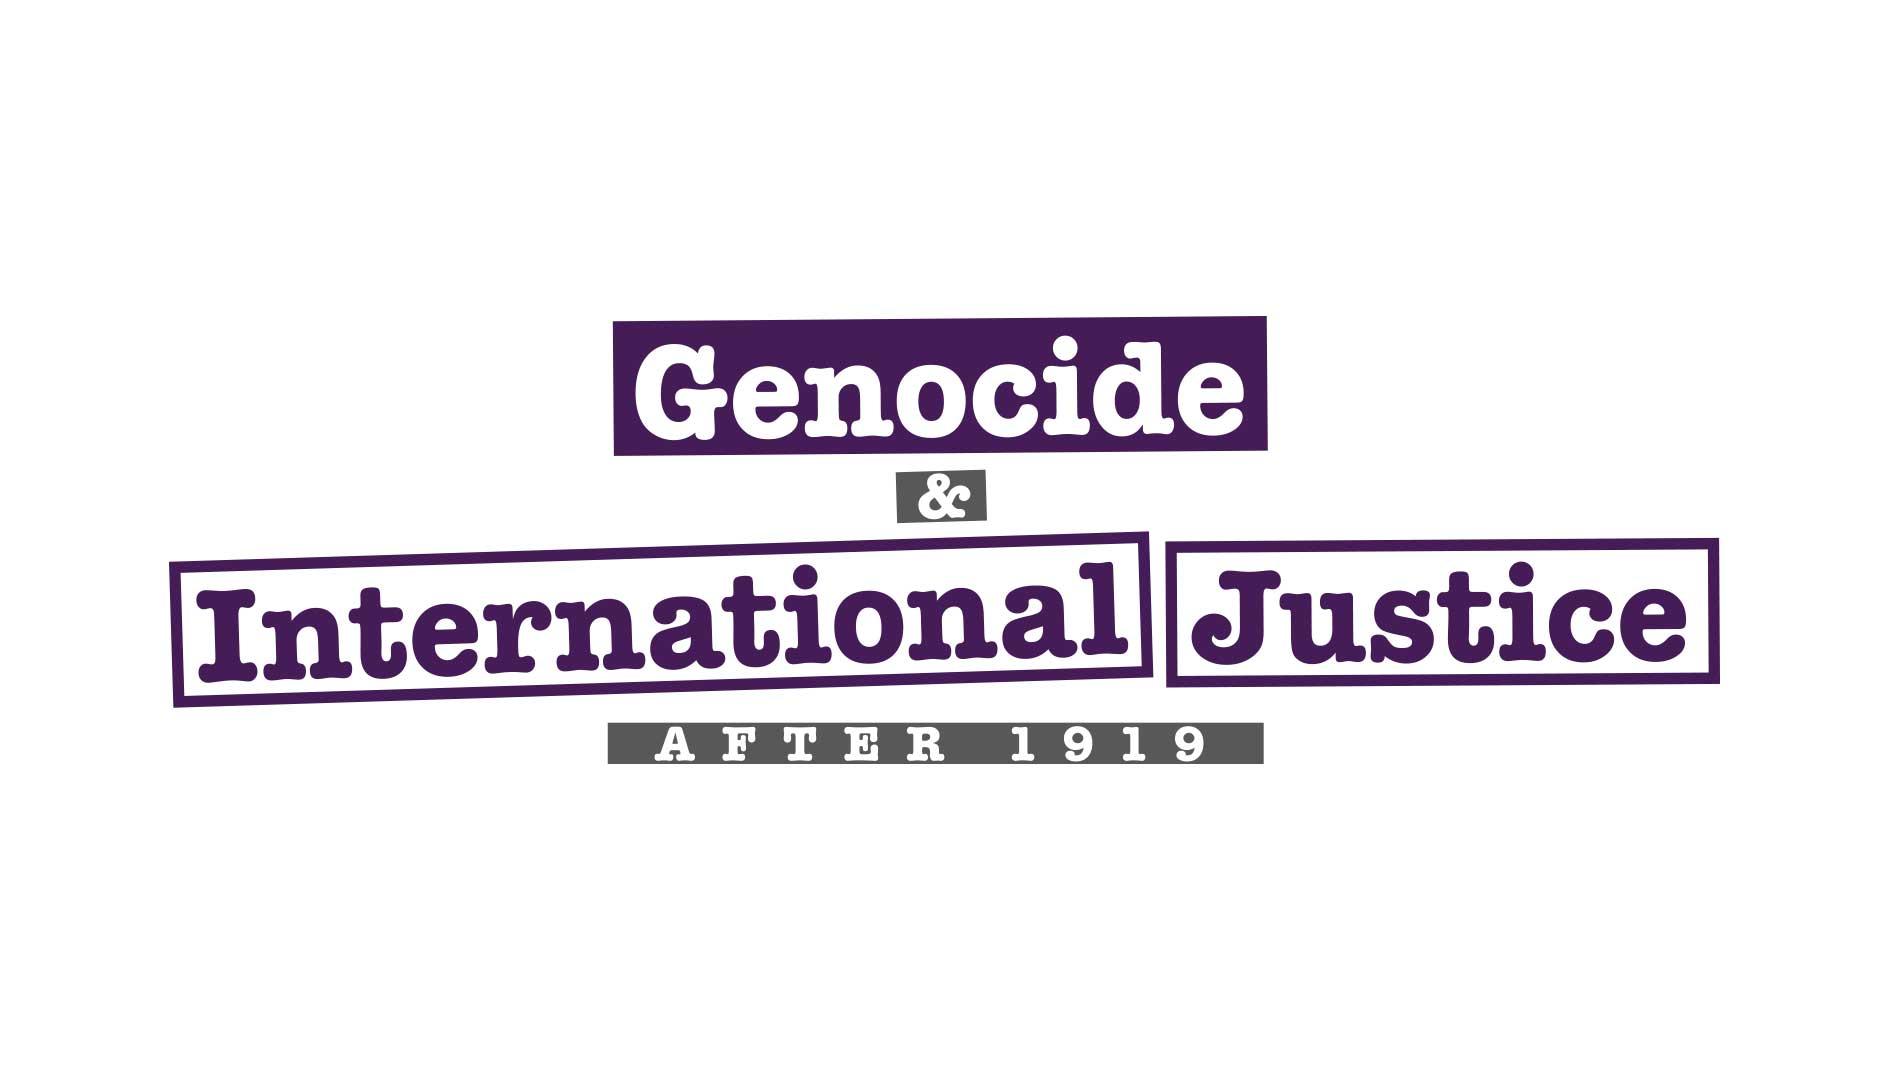 Genocide & International Justice after 1919